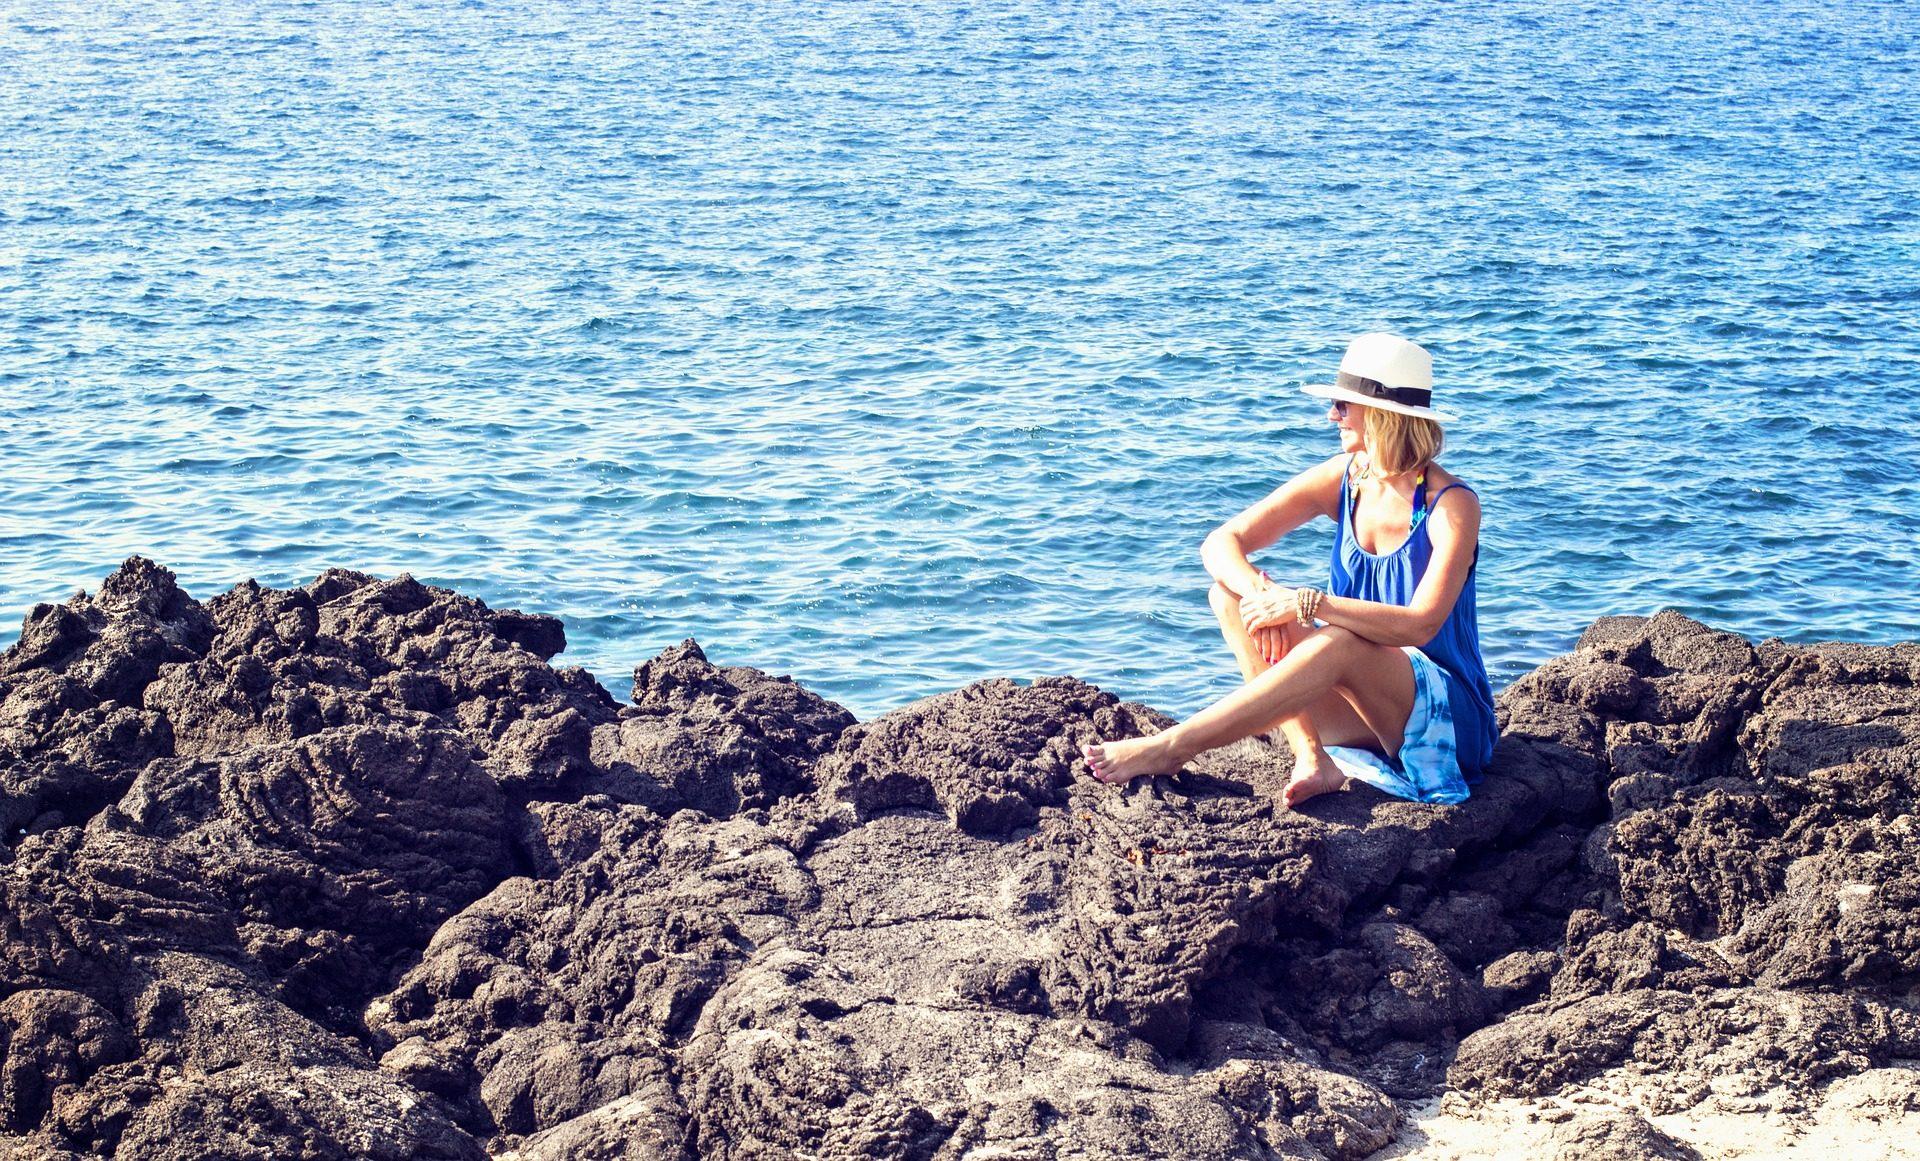 امرأة, الأحجار, الشاطئ, كاسر, البحر, المياه - خلفيات عالية الدقة - أستاذ falken.com